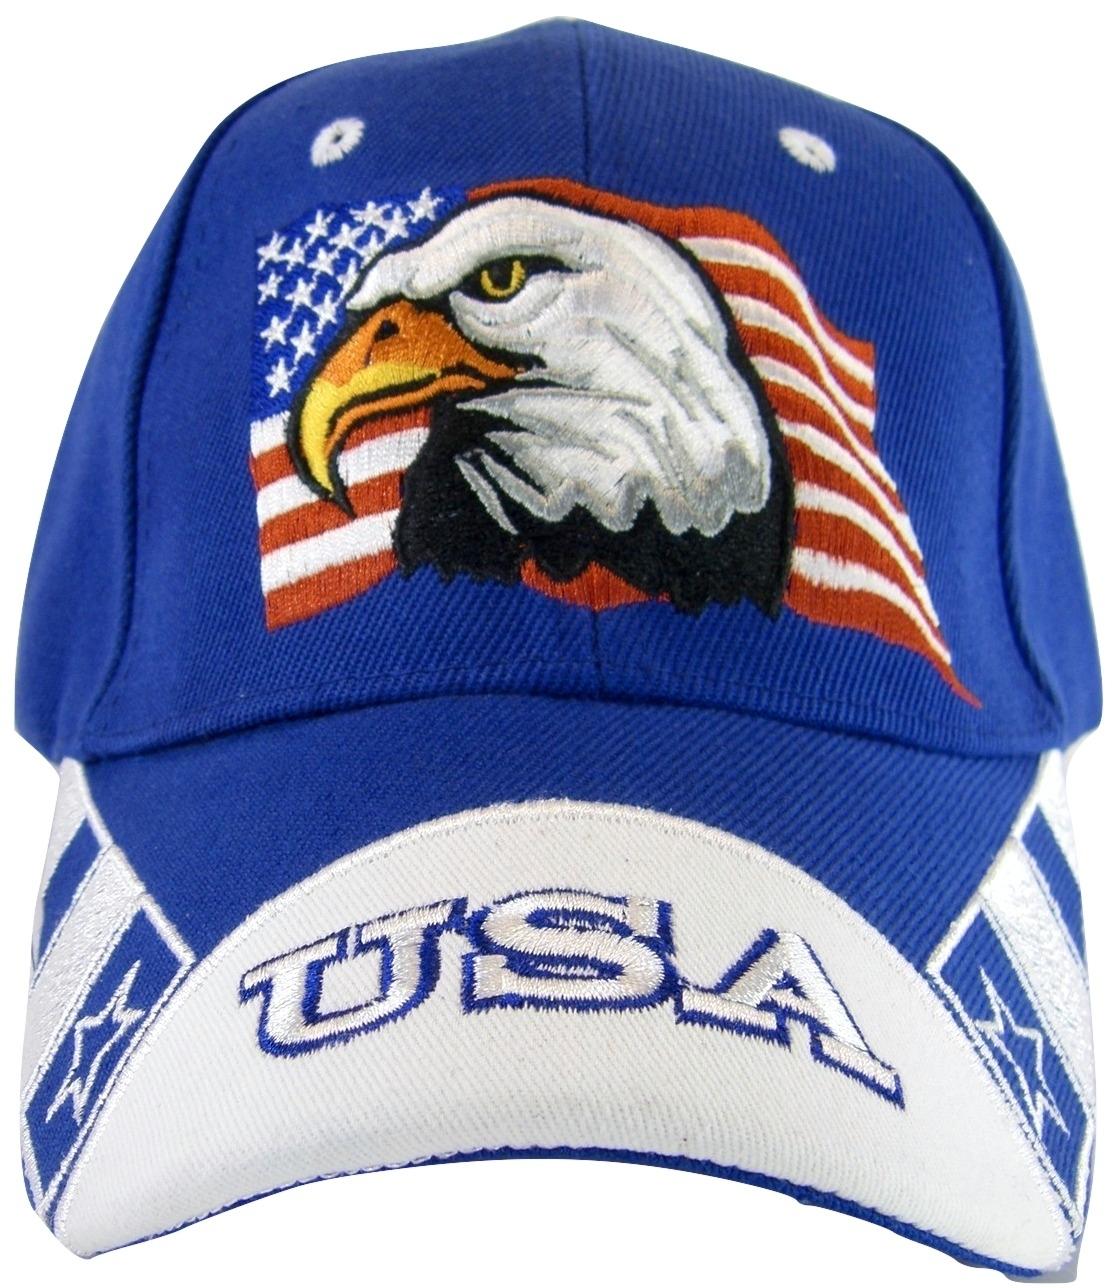 869ed69b17f57 Imgp1110 burned. Imgp1110 burned. Previous. USA American Flag   Bald Eagle  Patriotic Men s Adjustable Baseball Cap Hat ROYAL